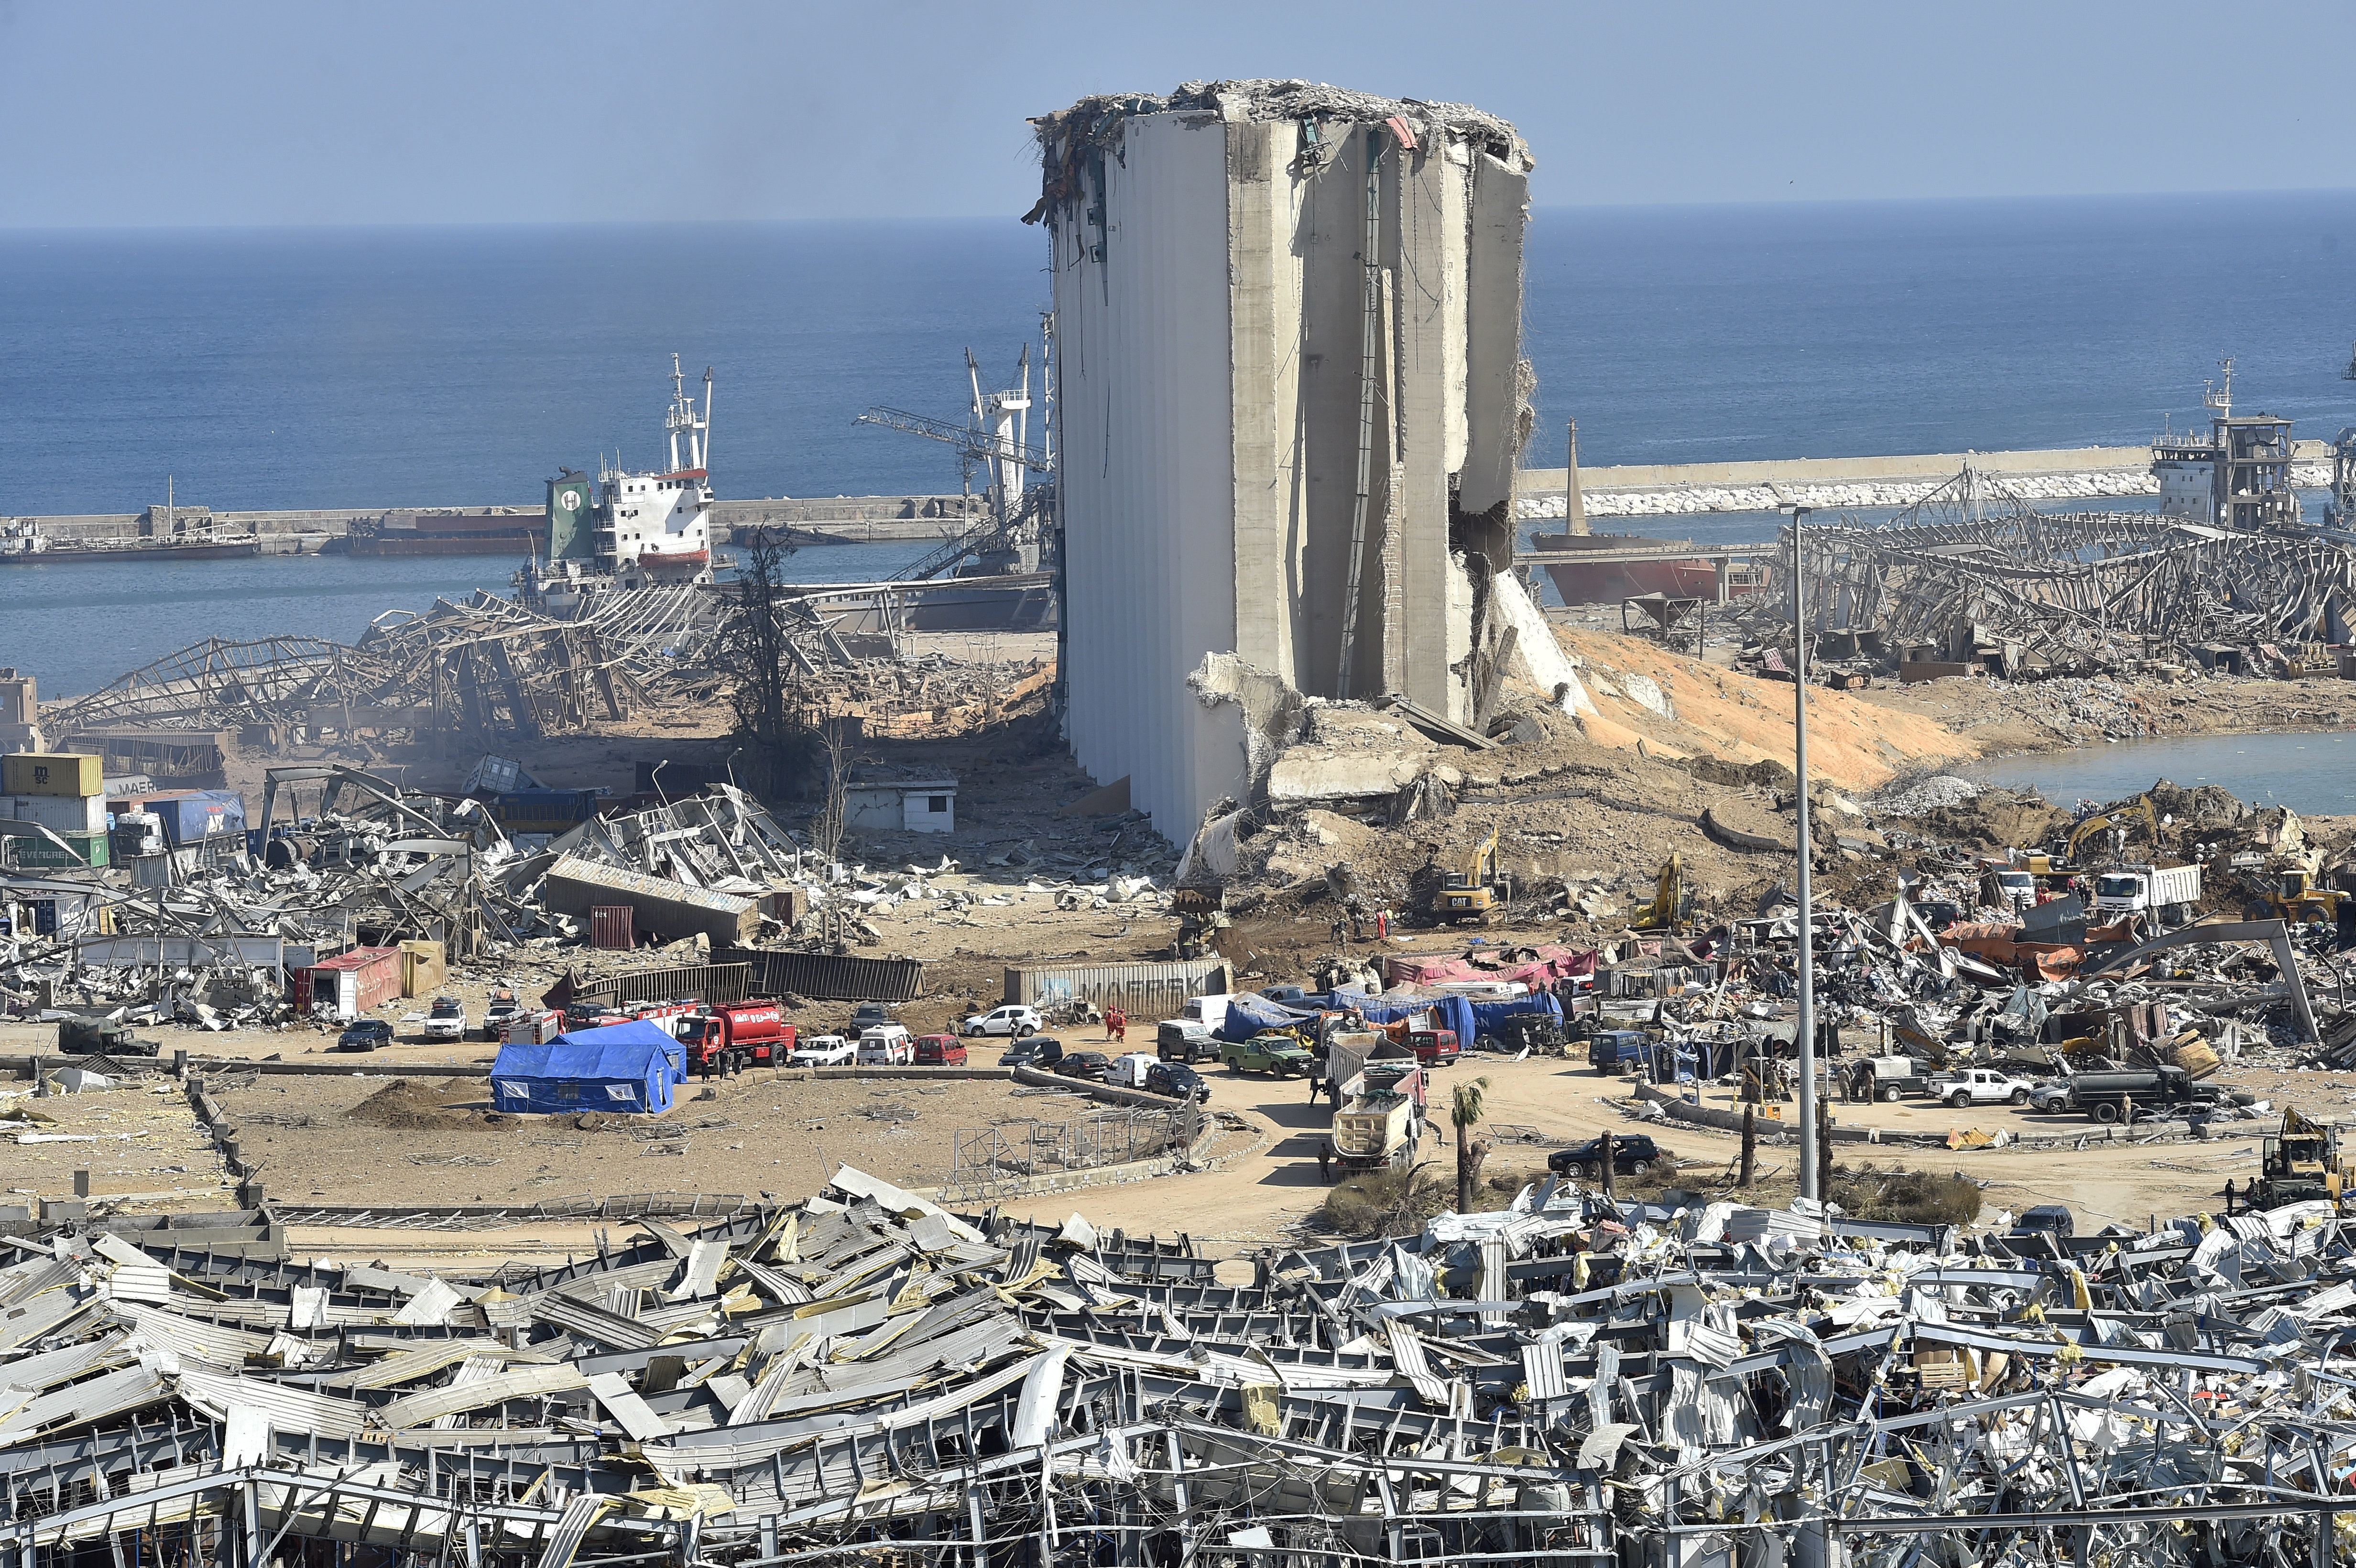 Egy éve történt a 190 halálos áldozatot követelő bejrúti robbanás, felelős még mindig nincs